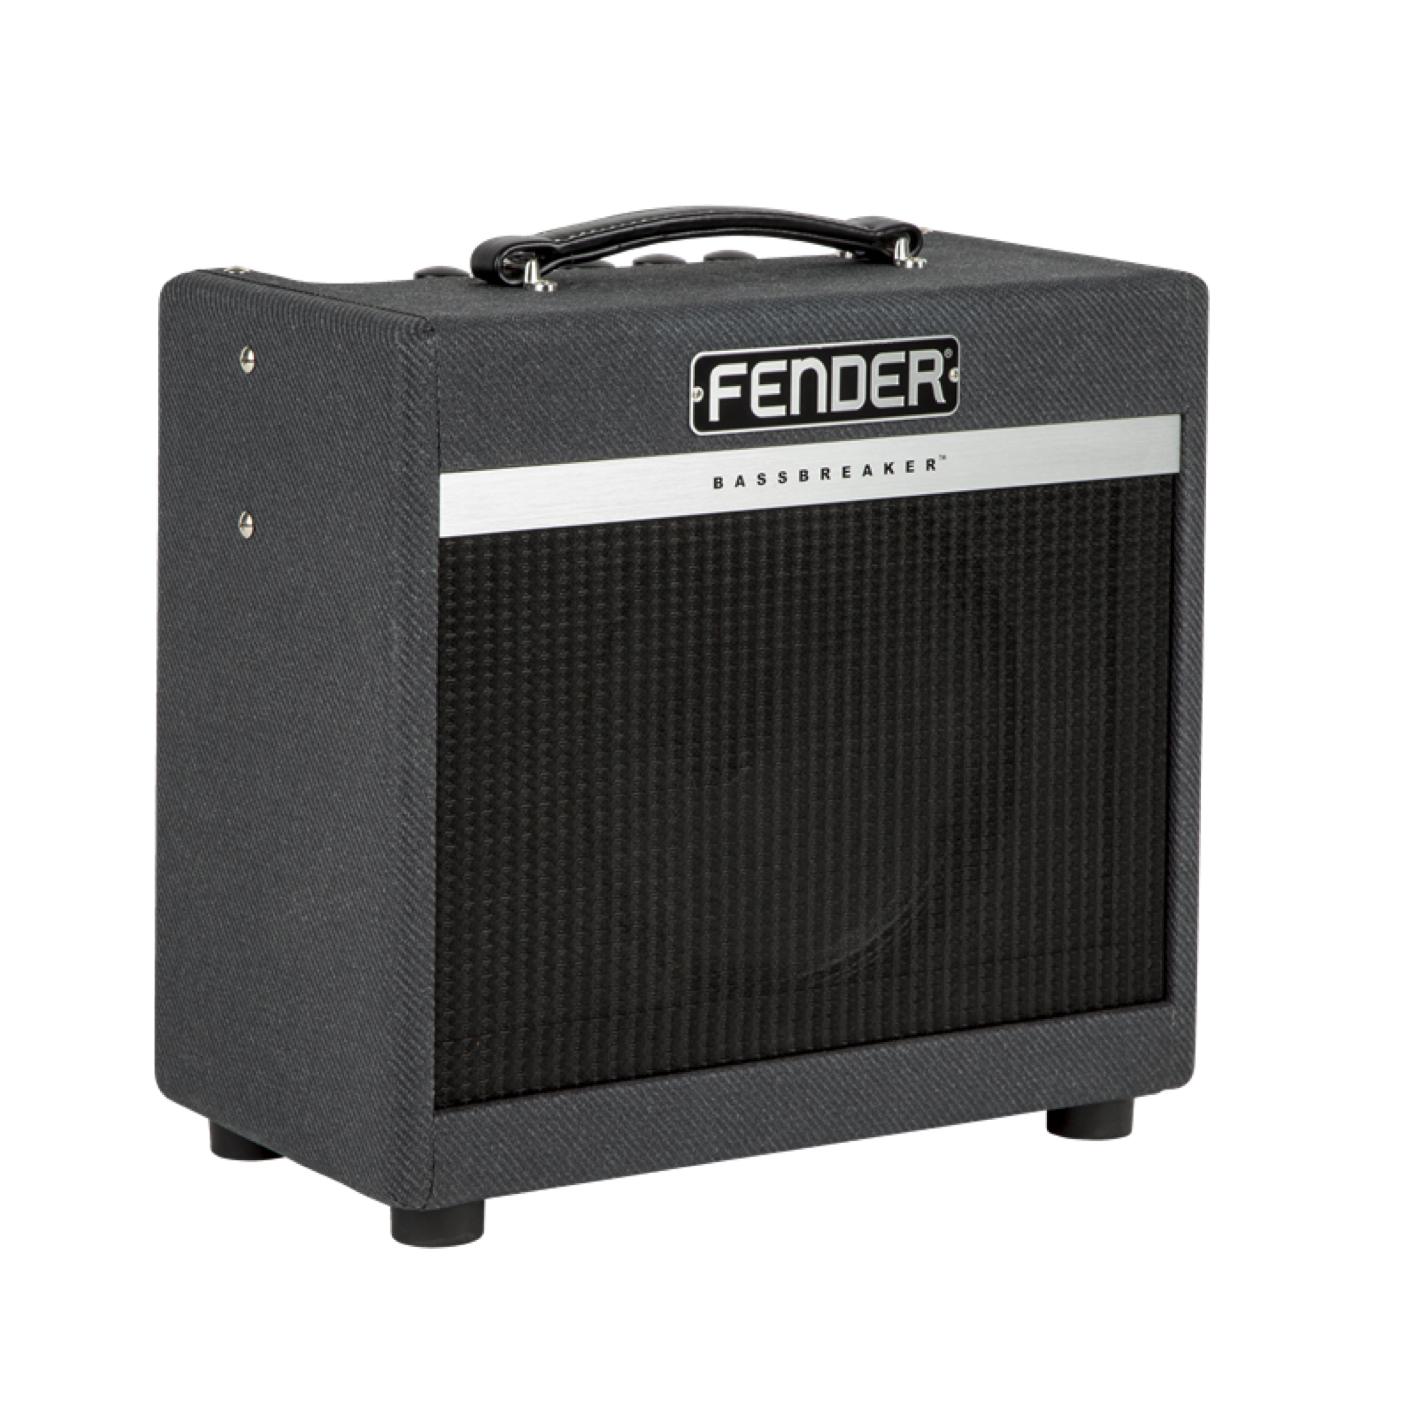 Fender Bassbreaker 007 All Valve Combo